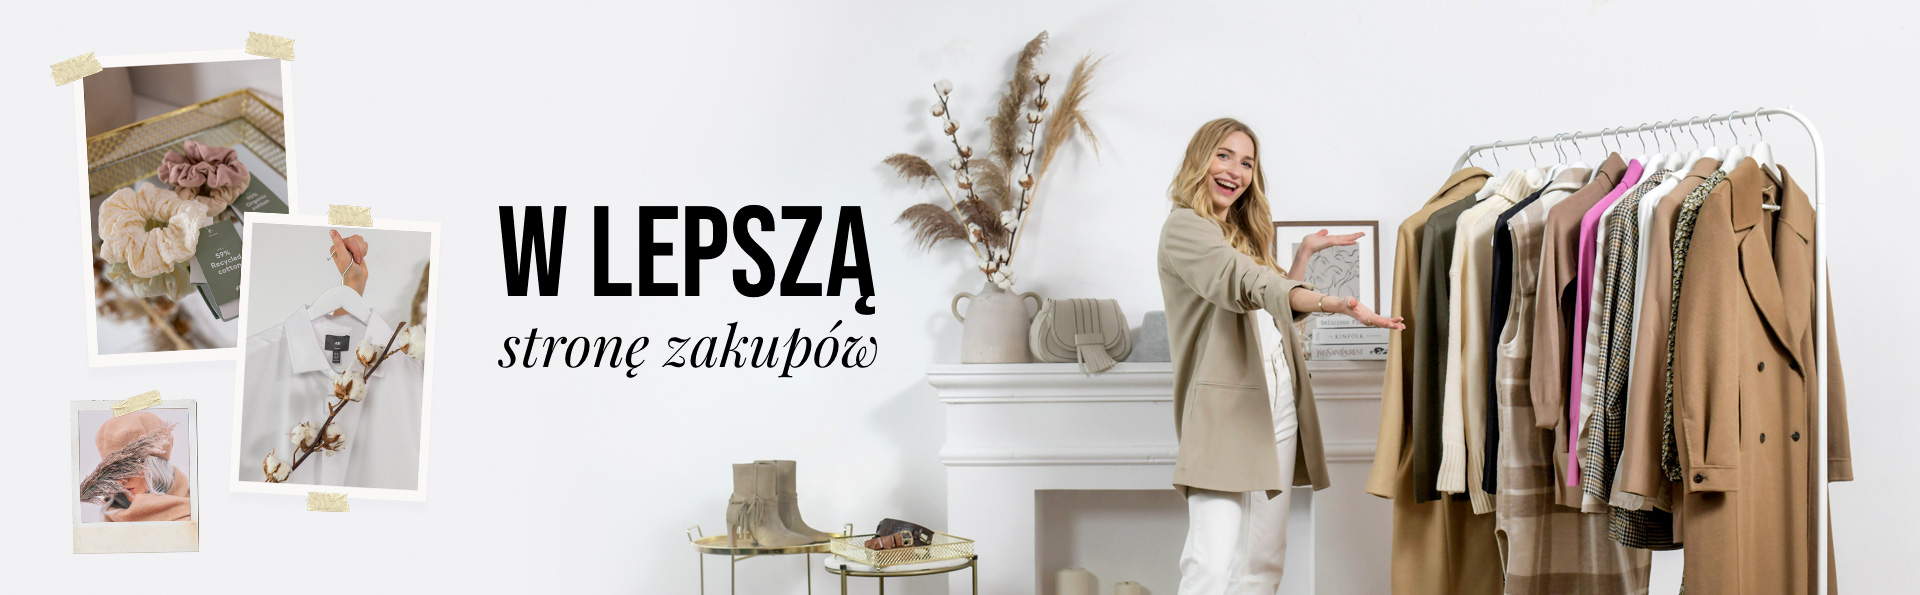 Zrównoważona moda